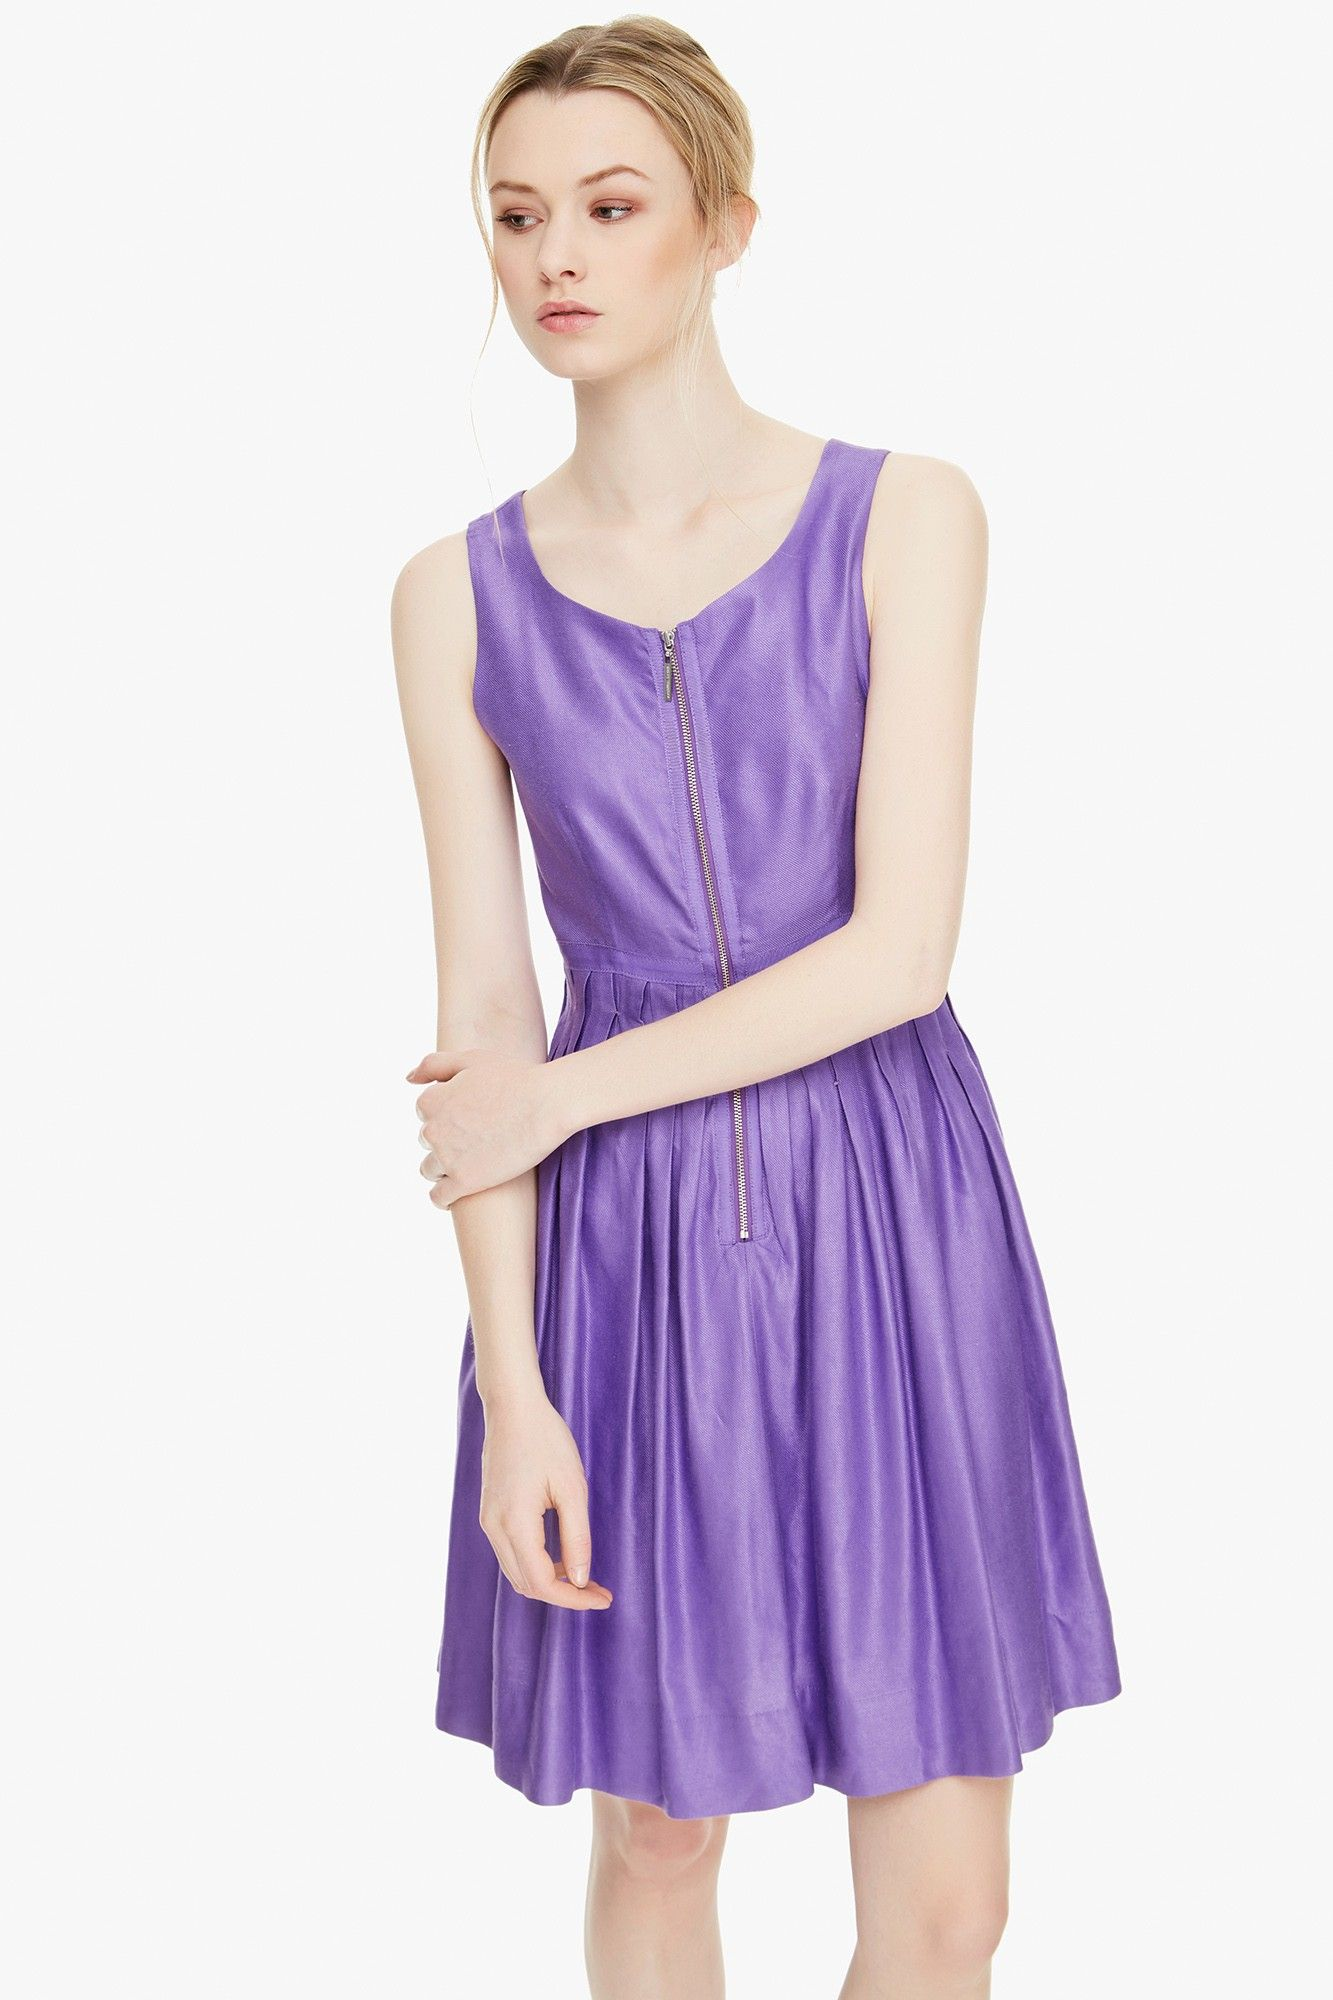 Vestido plisé con vuelo - Vestidos | Adolfo Dominguez shop online ...